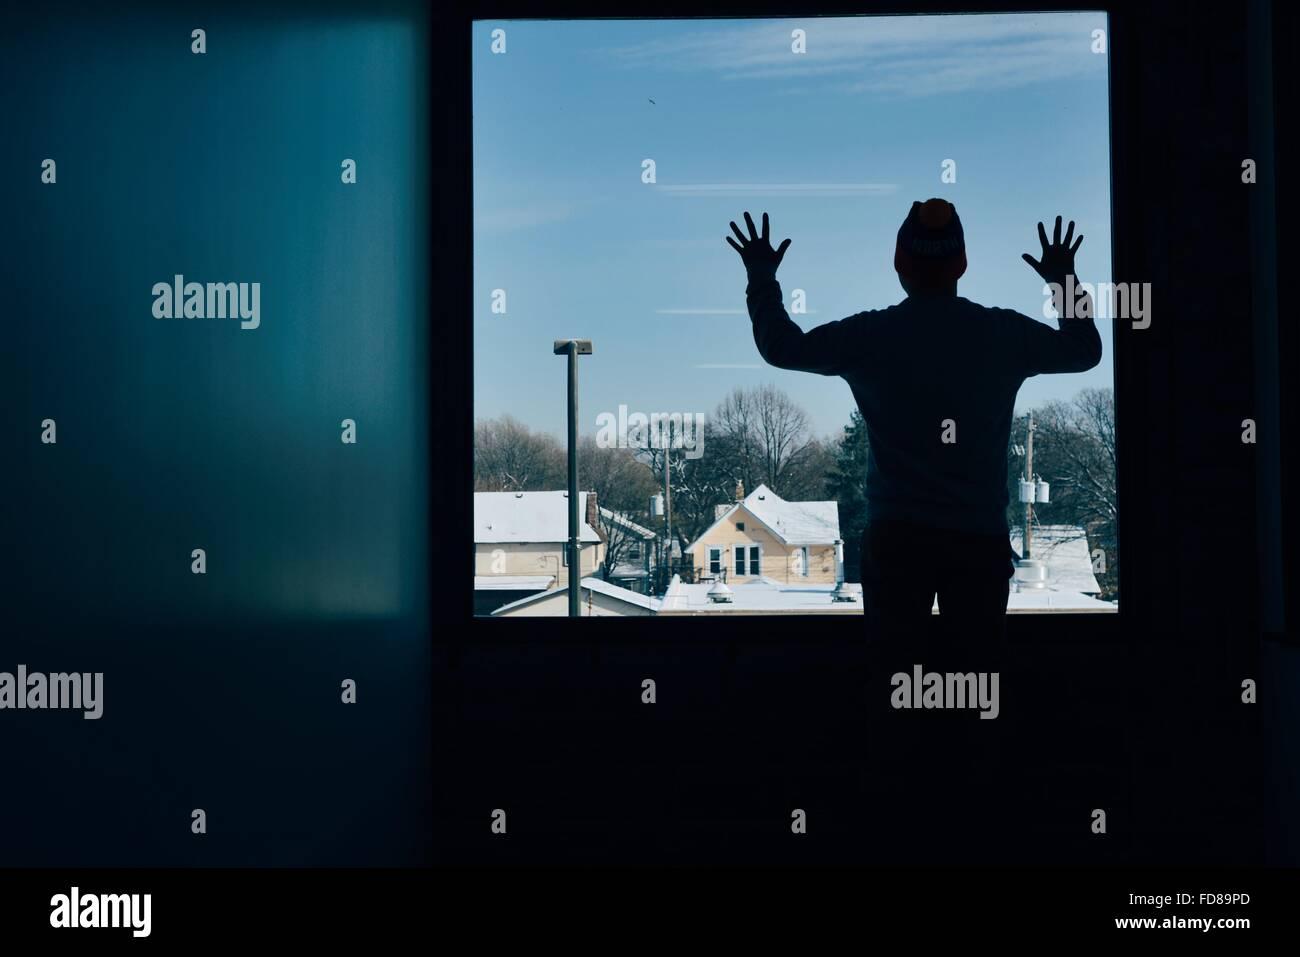 Vista posteriore di Silhouette uomo in piedi alla finestra Immagini Stock